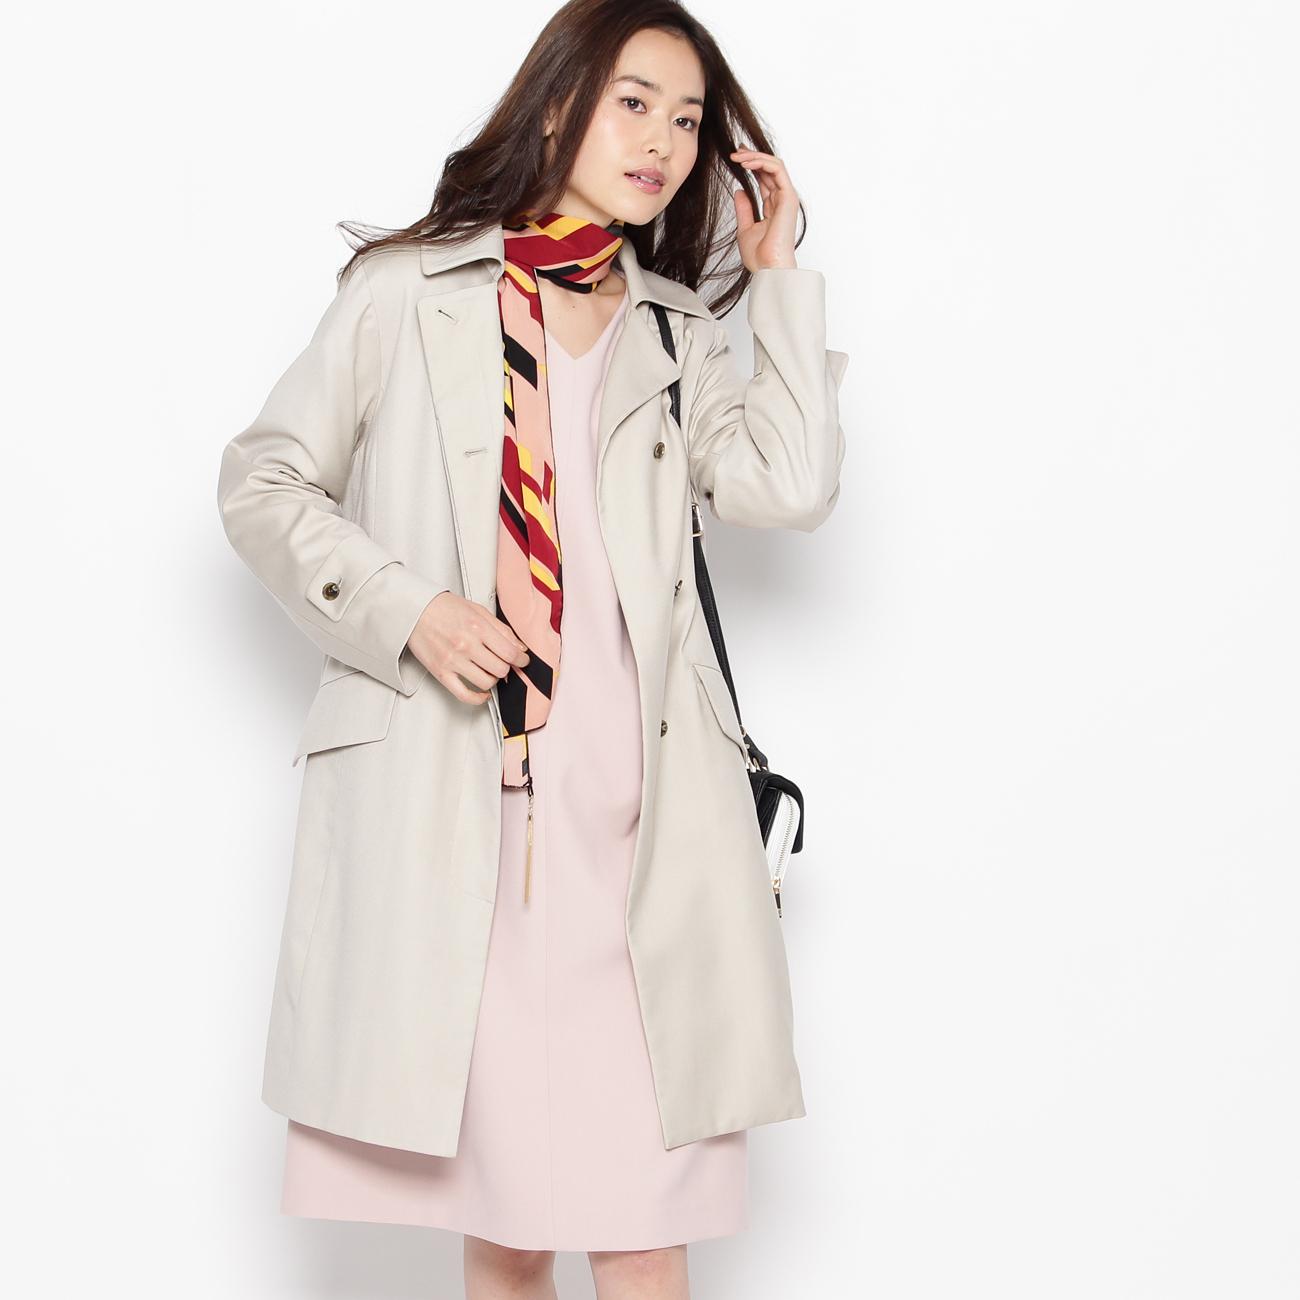 【smart pink (スマートピンク)】ライナー付きスプリングコートレディース コート|トレンチコート ライトベージュ